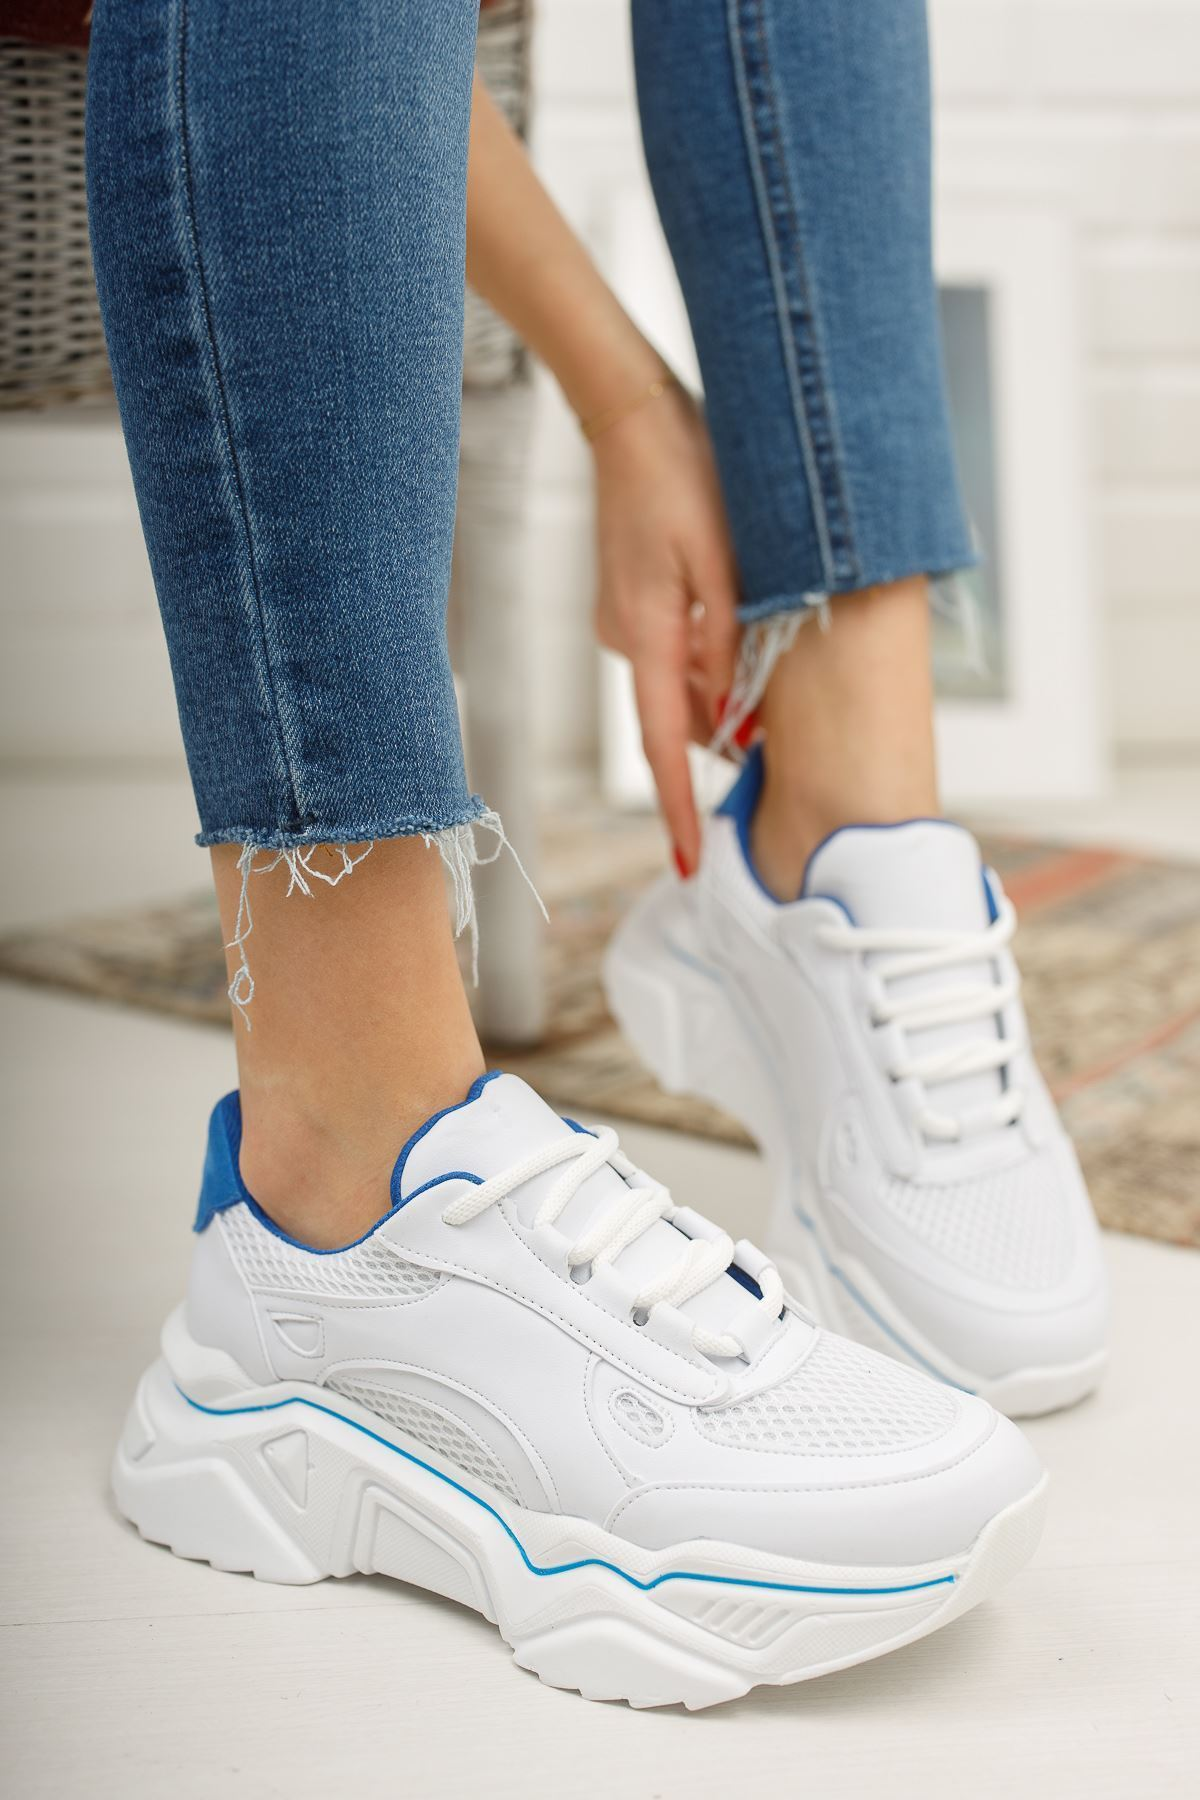 Loza Beyaz Mat Mavi Bağcıklı Kadın Spor Ayakkabı